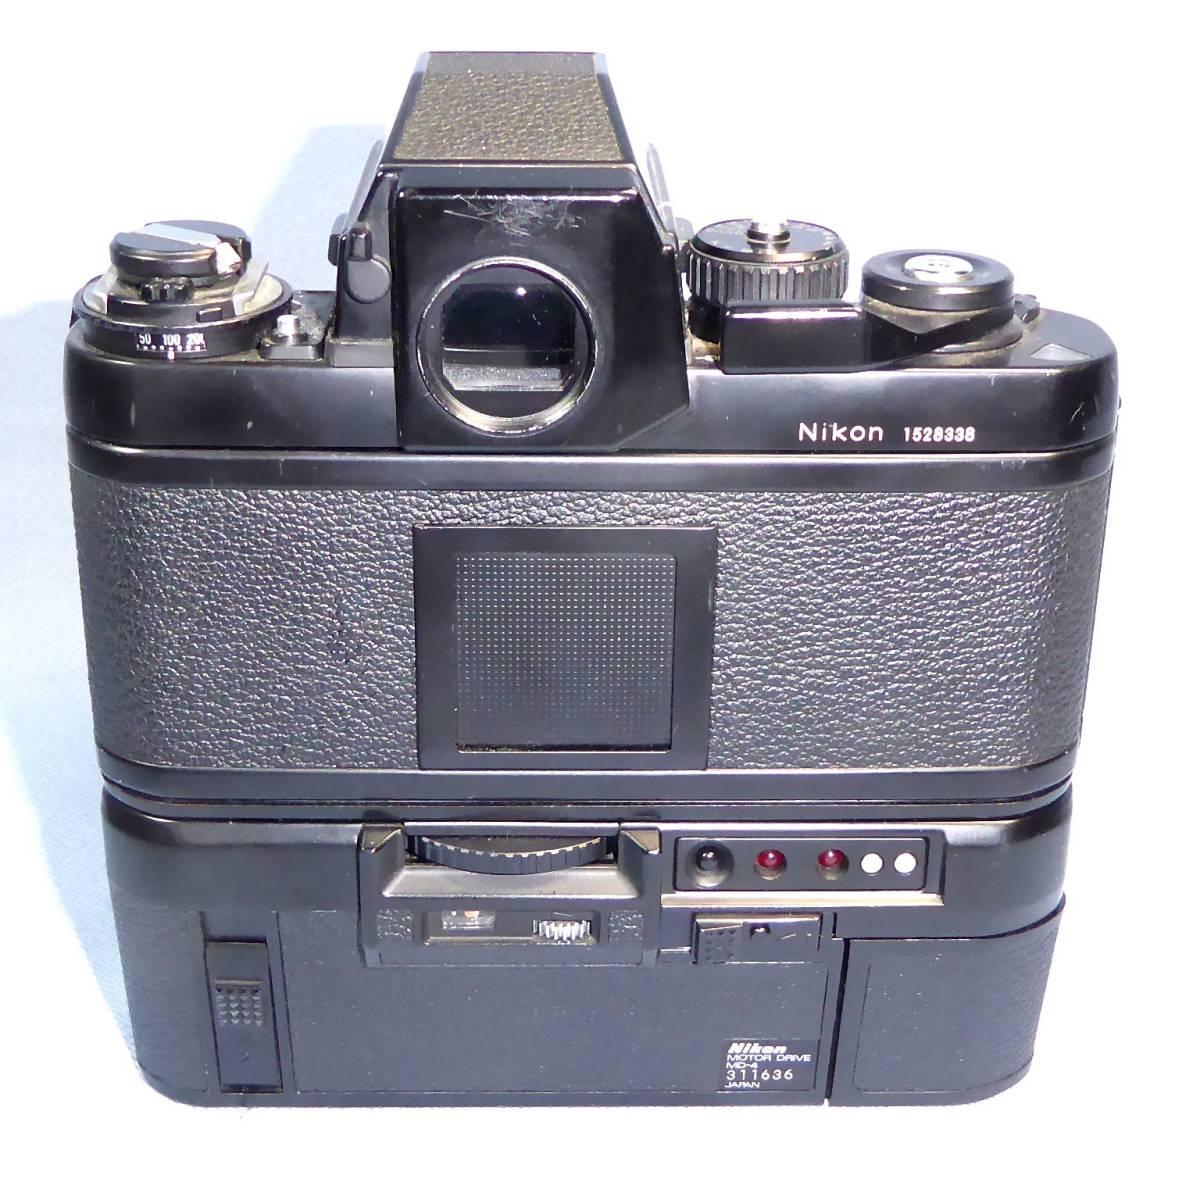 ★  綺麗  諸動作快調  ★   NIKON    F 3  HP   +   MD - 4   +   NIKKOR   50mm/F1.4   +  NIKON ストラップ _画像5